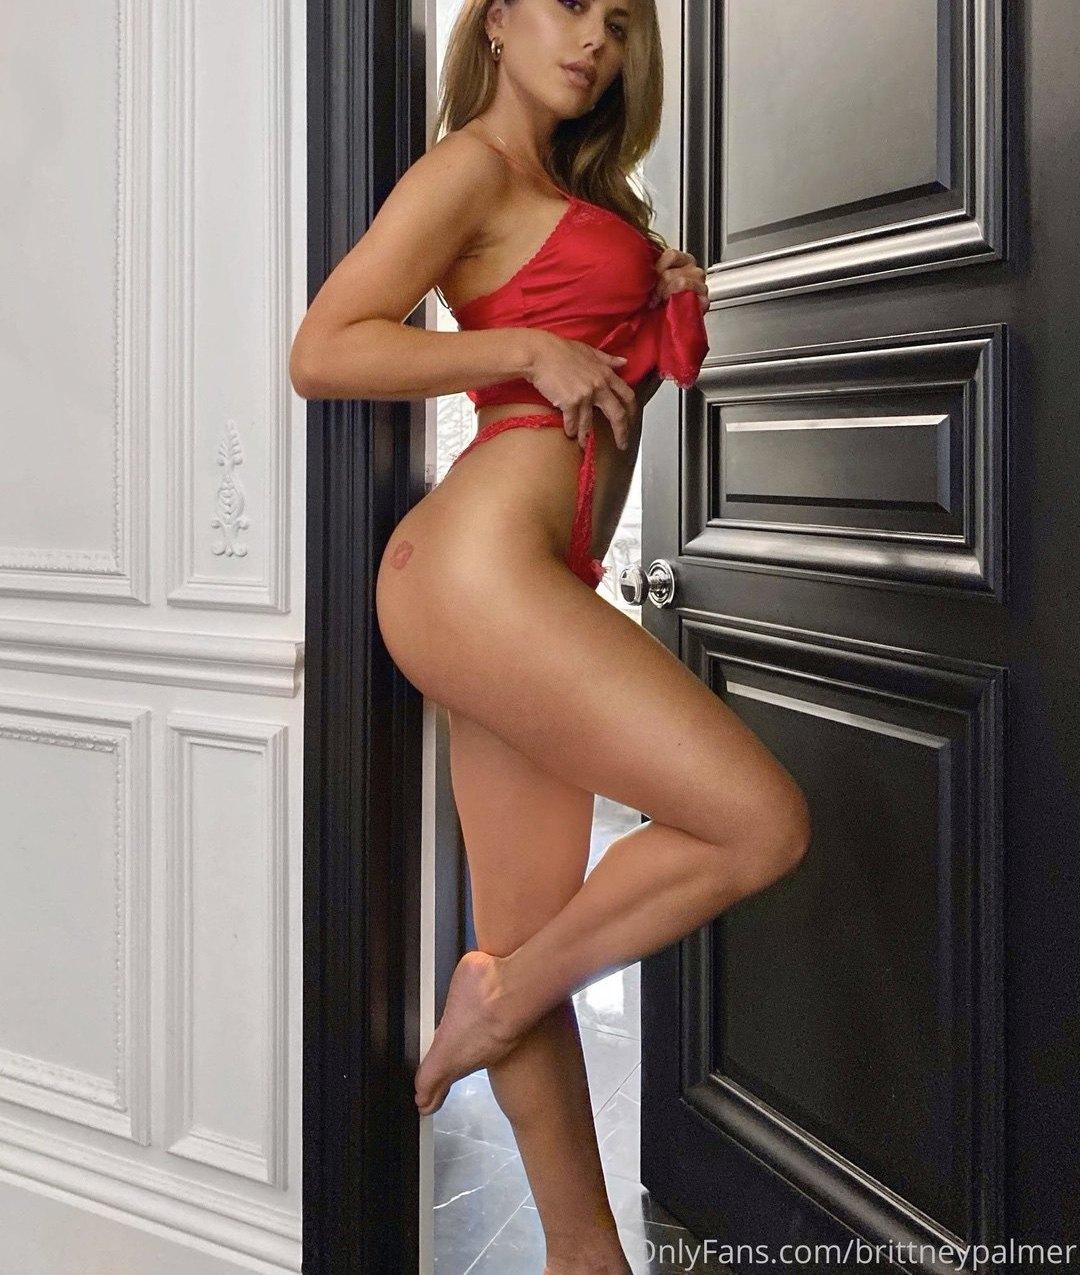 Brittney Palmer Brittneypalmer Onlyfans Sexy Leaks 0001